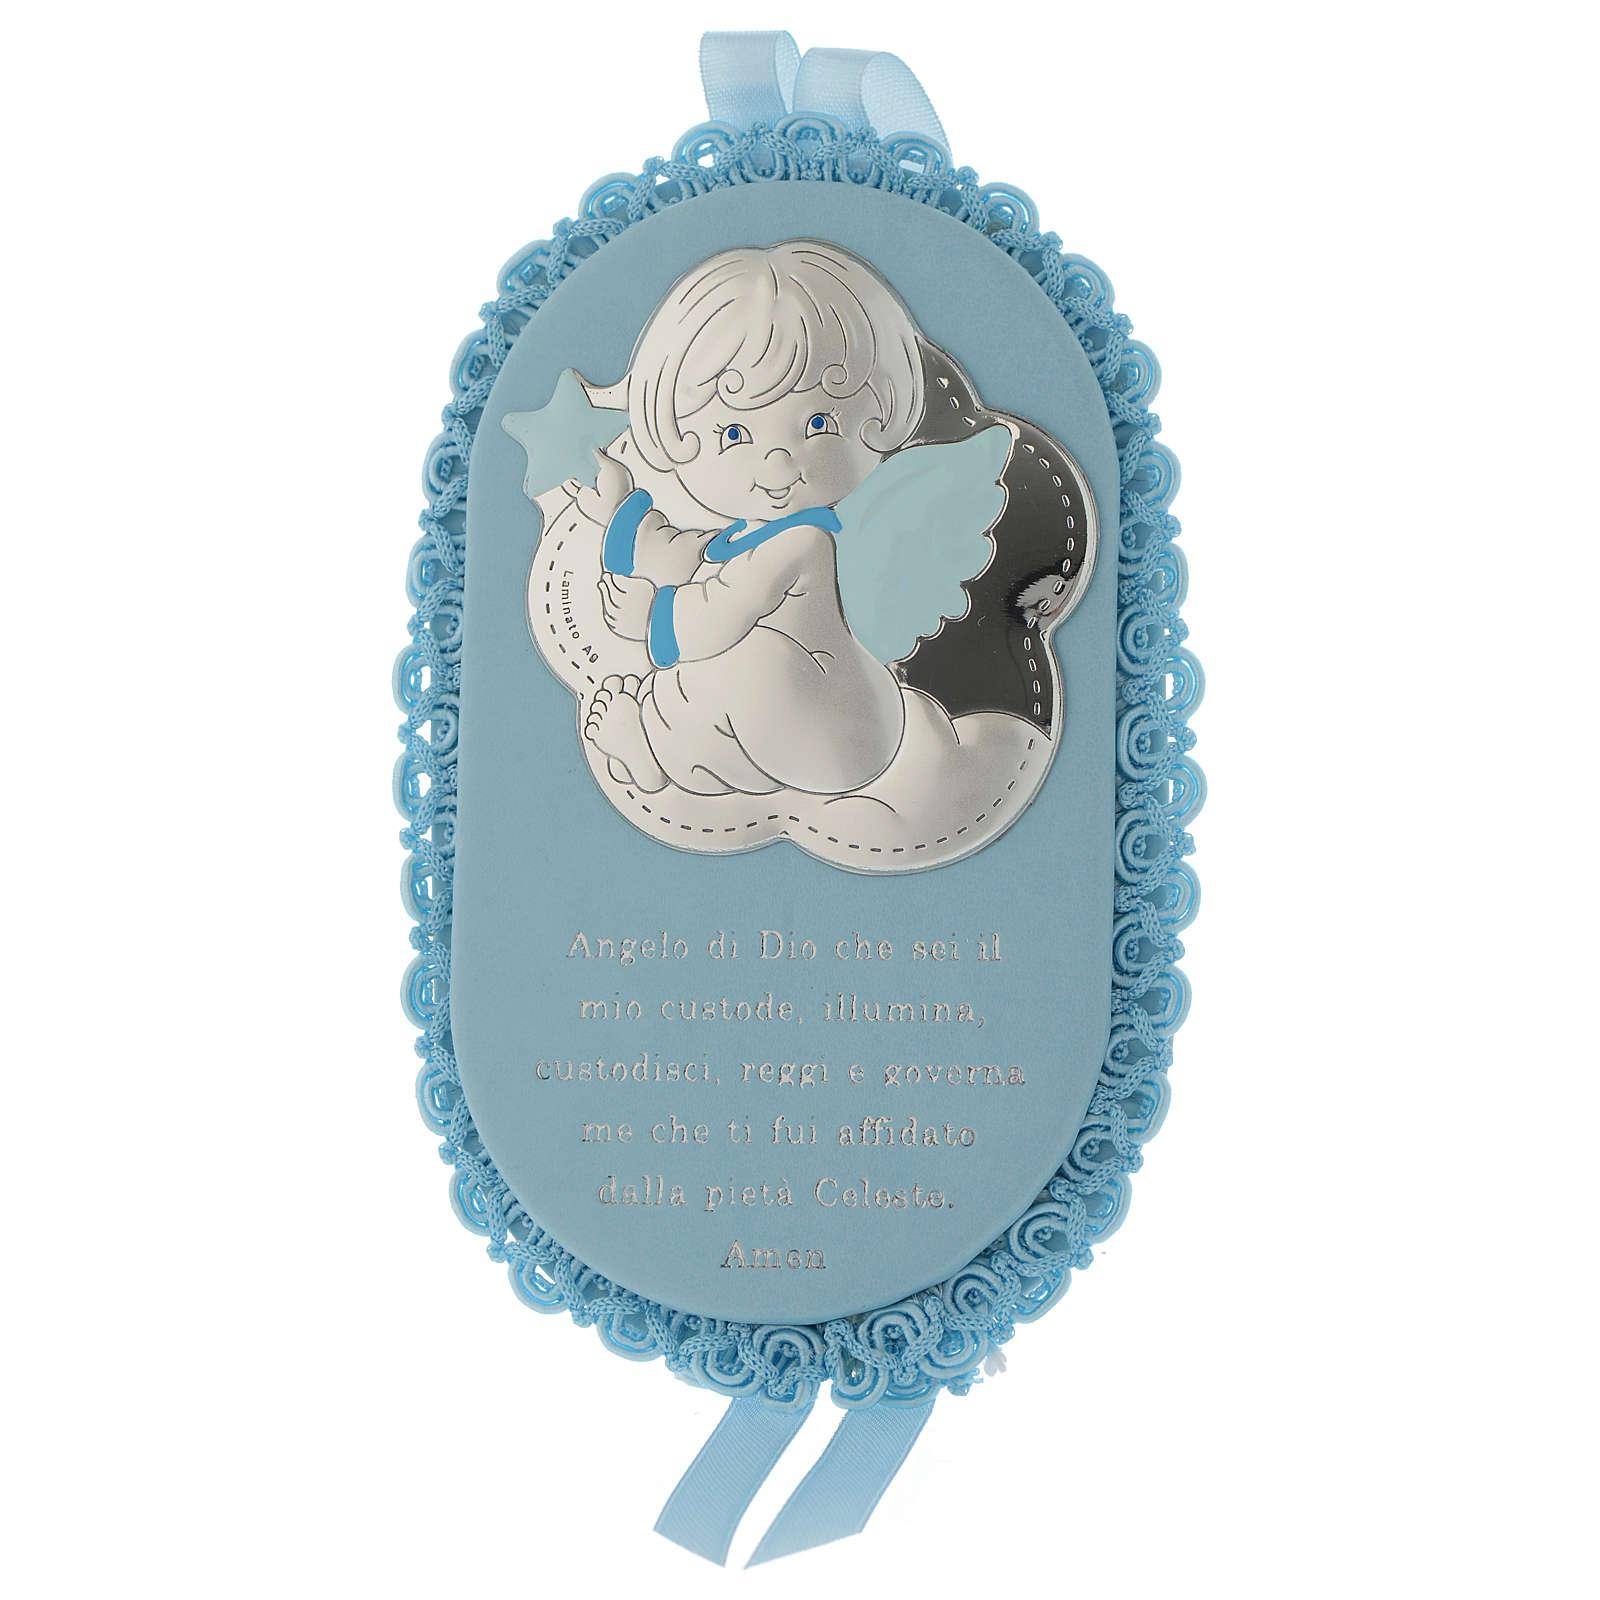 Medalla para cuna azul ovalada Plata y esmalte Ángel con Oración y Carillón 4